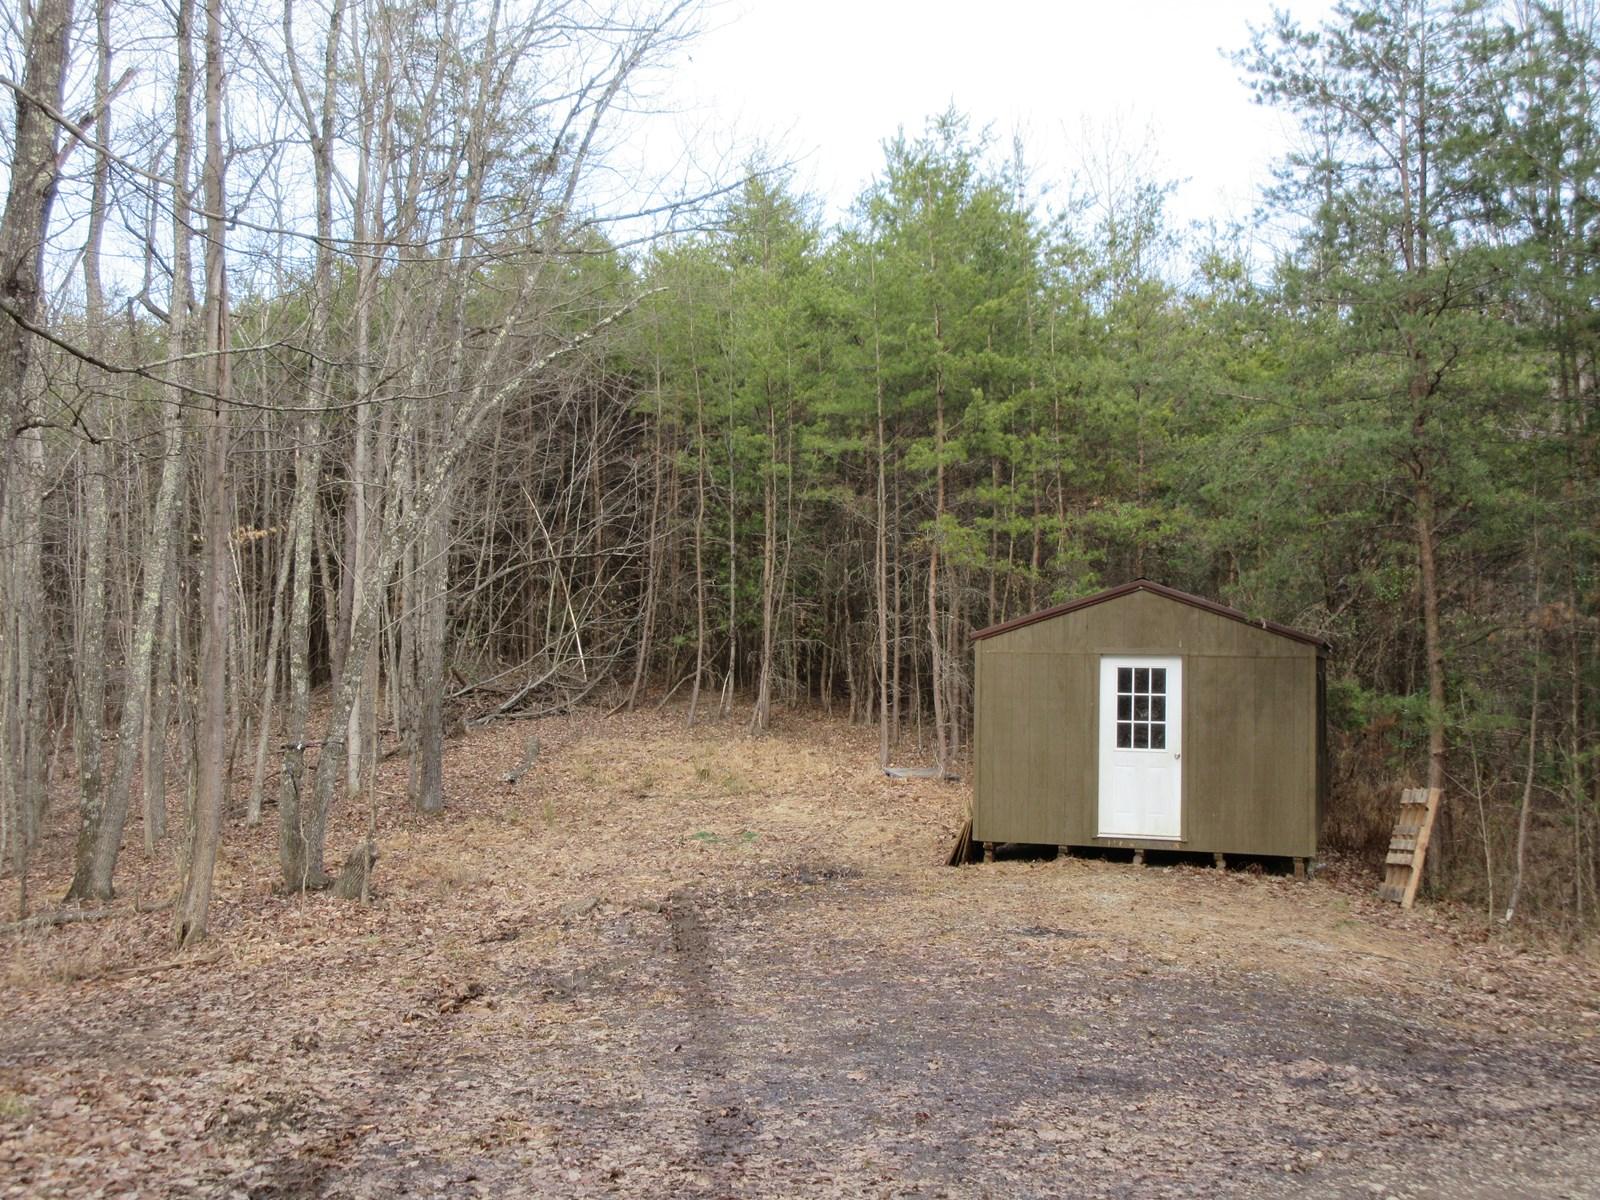 Washington County Ohio Prime Hunting Land